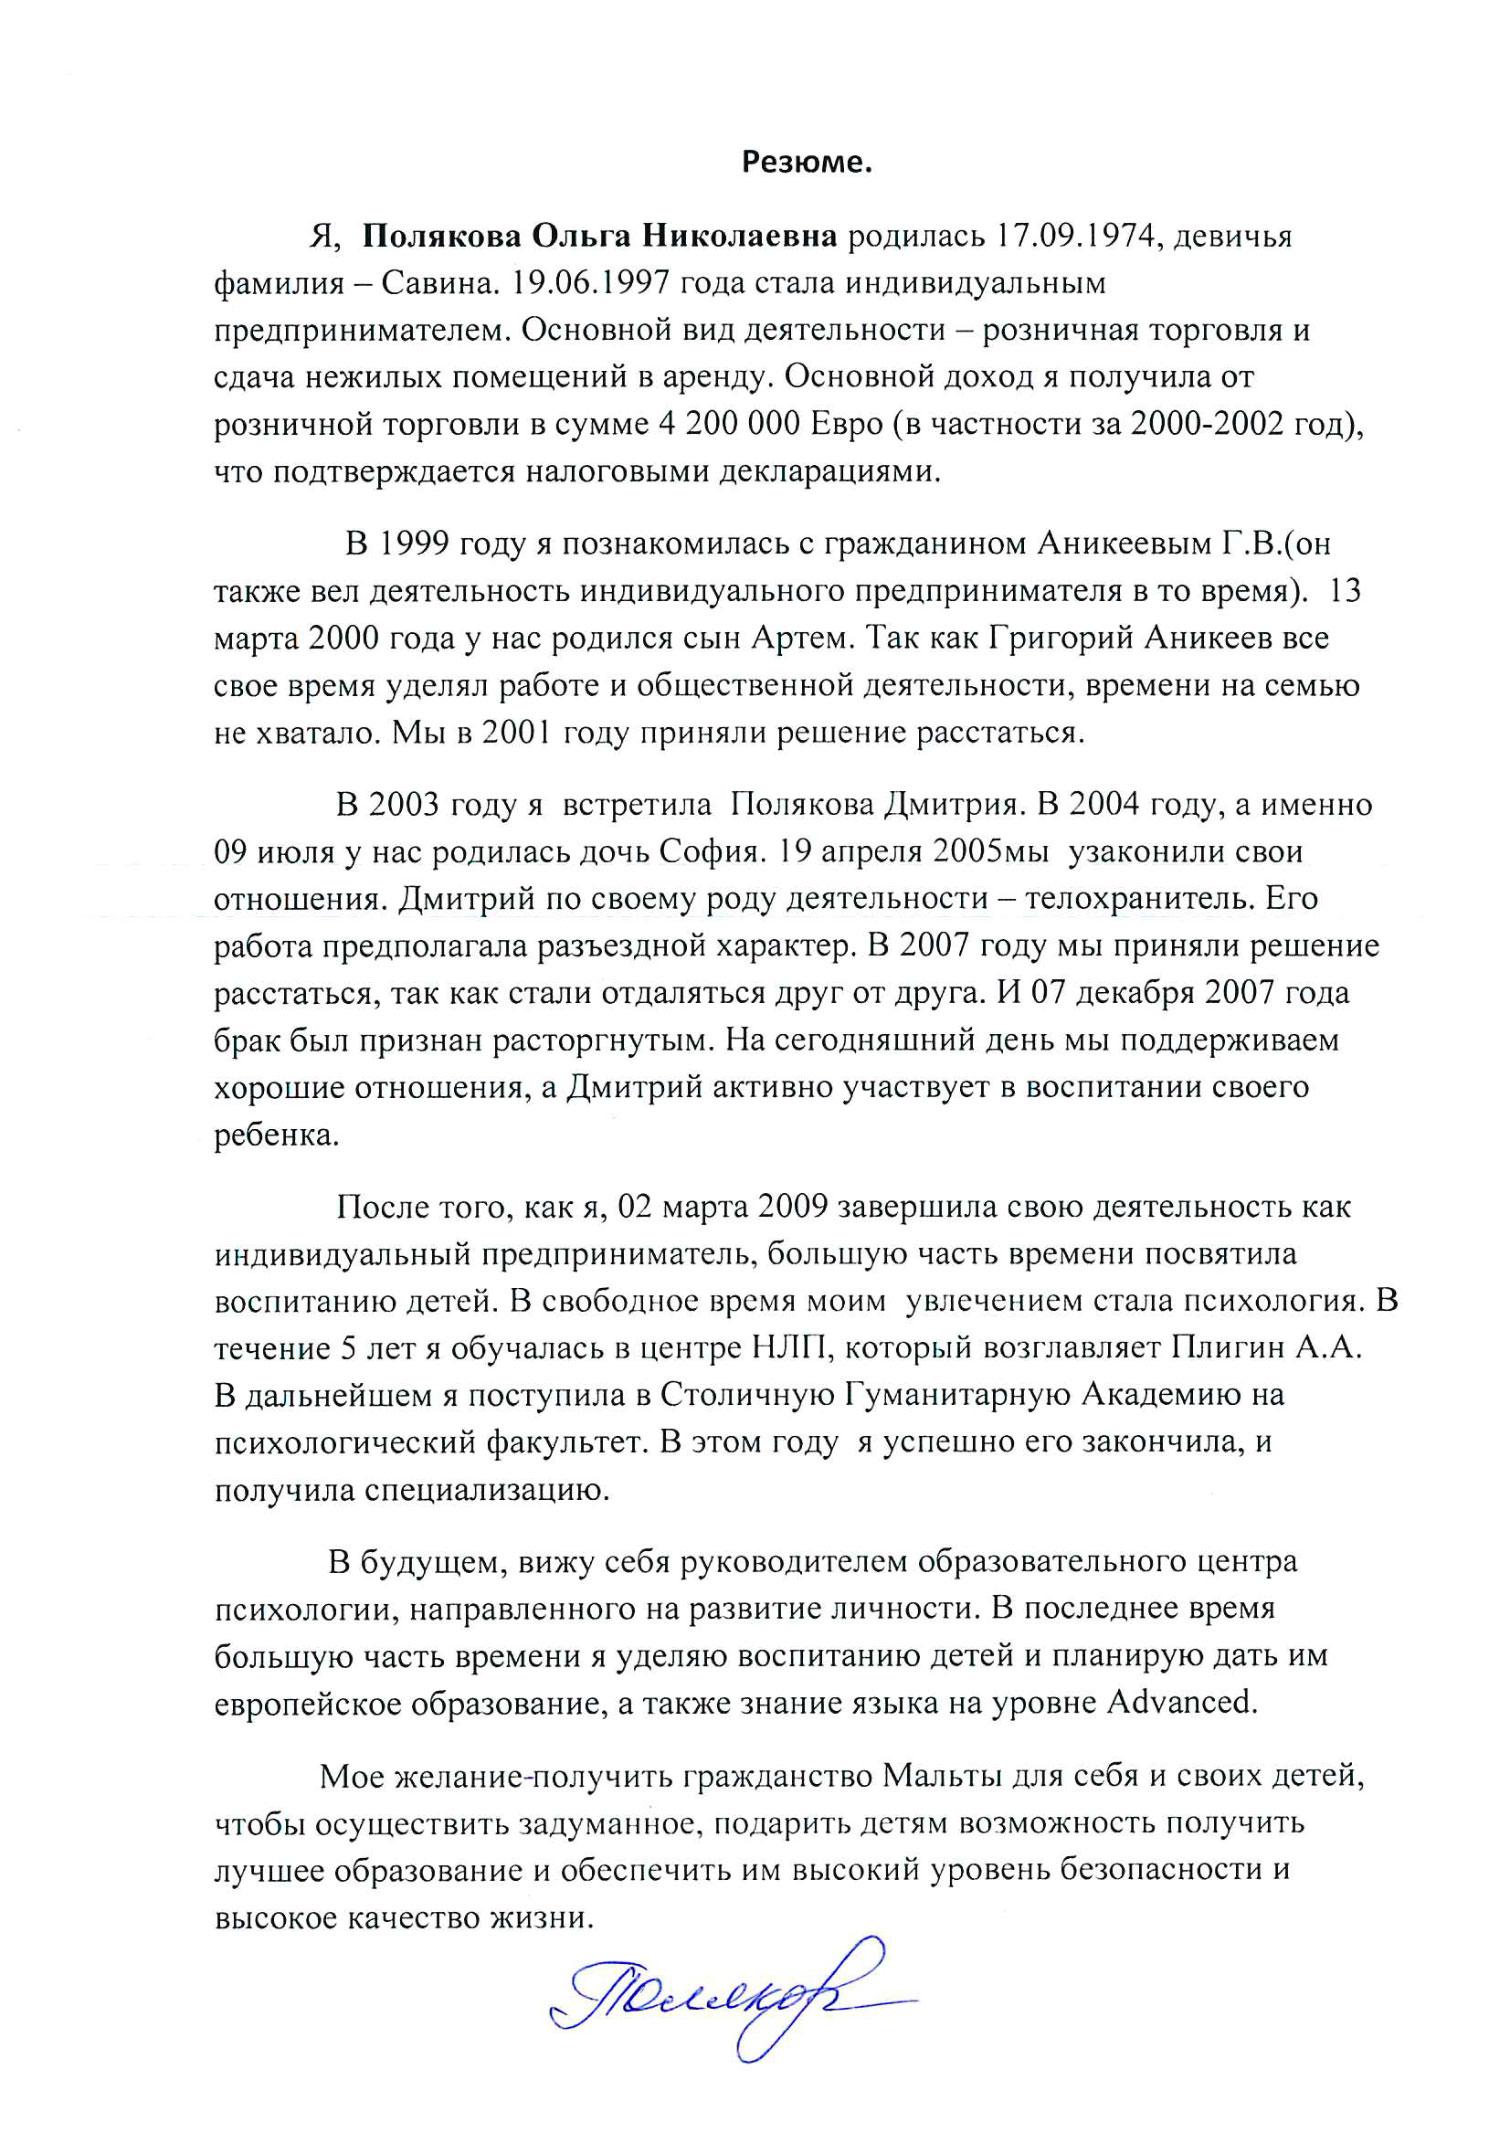 Сопроводительное письмо Ольги Поляковой. Источник: фонд Дафне Каруаны Галиции